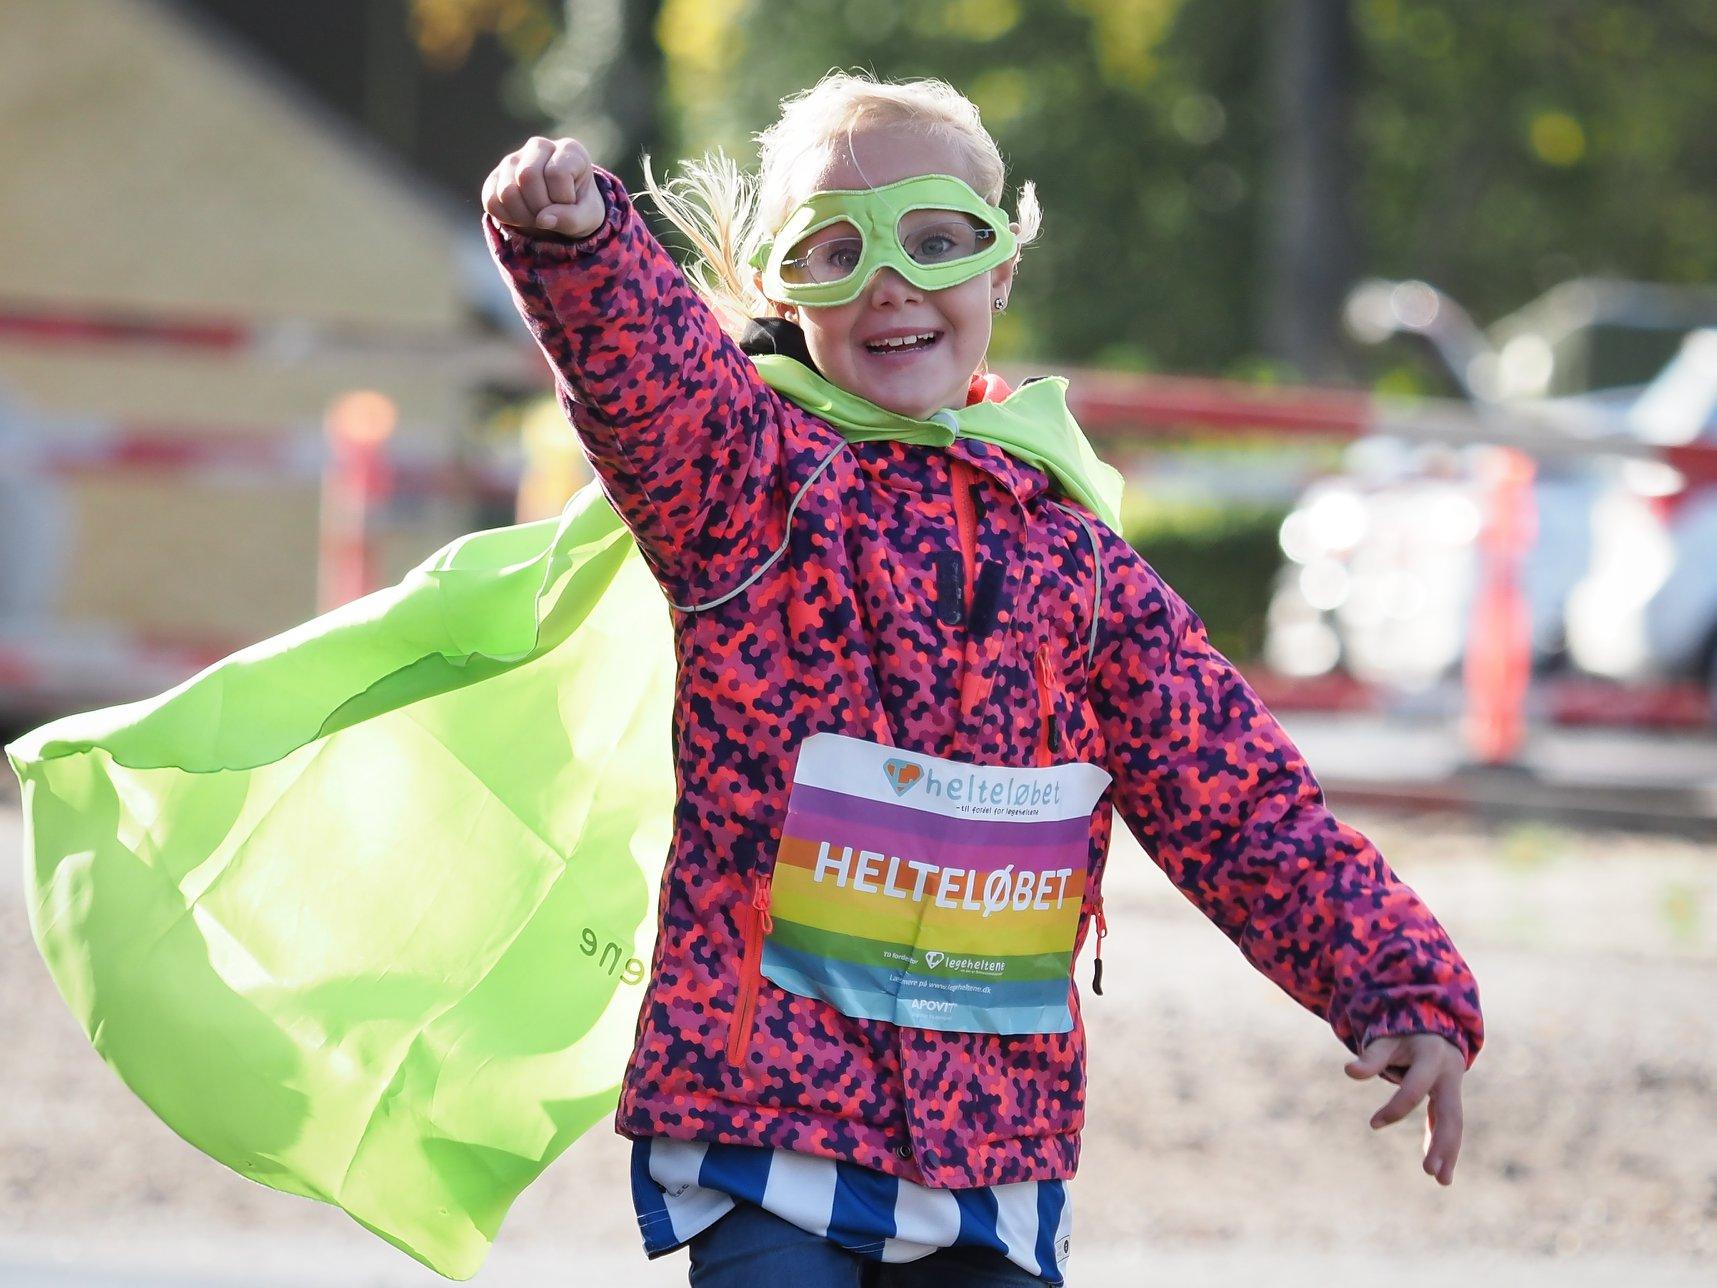 Gør en forskel for indlagte børn: Kom til stort helteløb i Aalborg